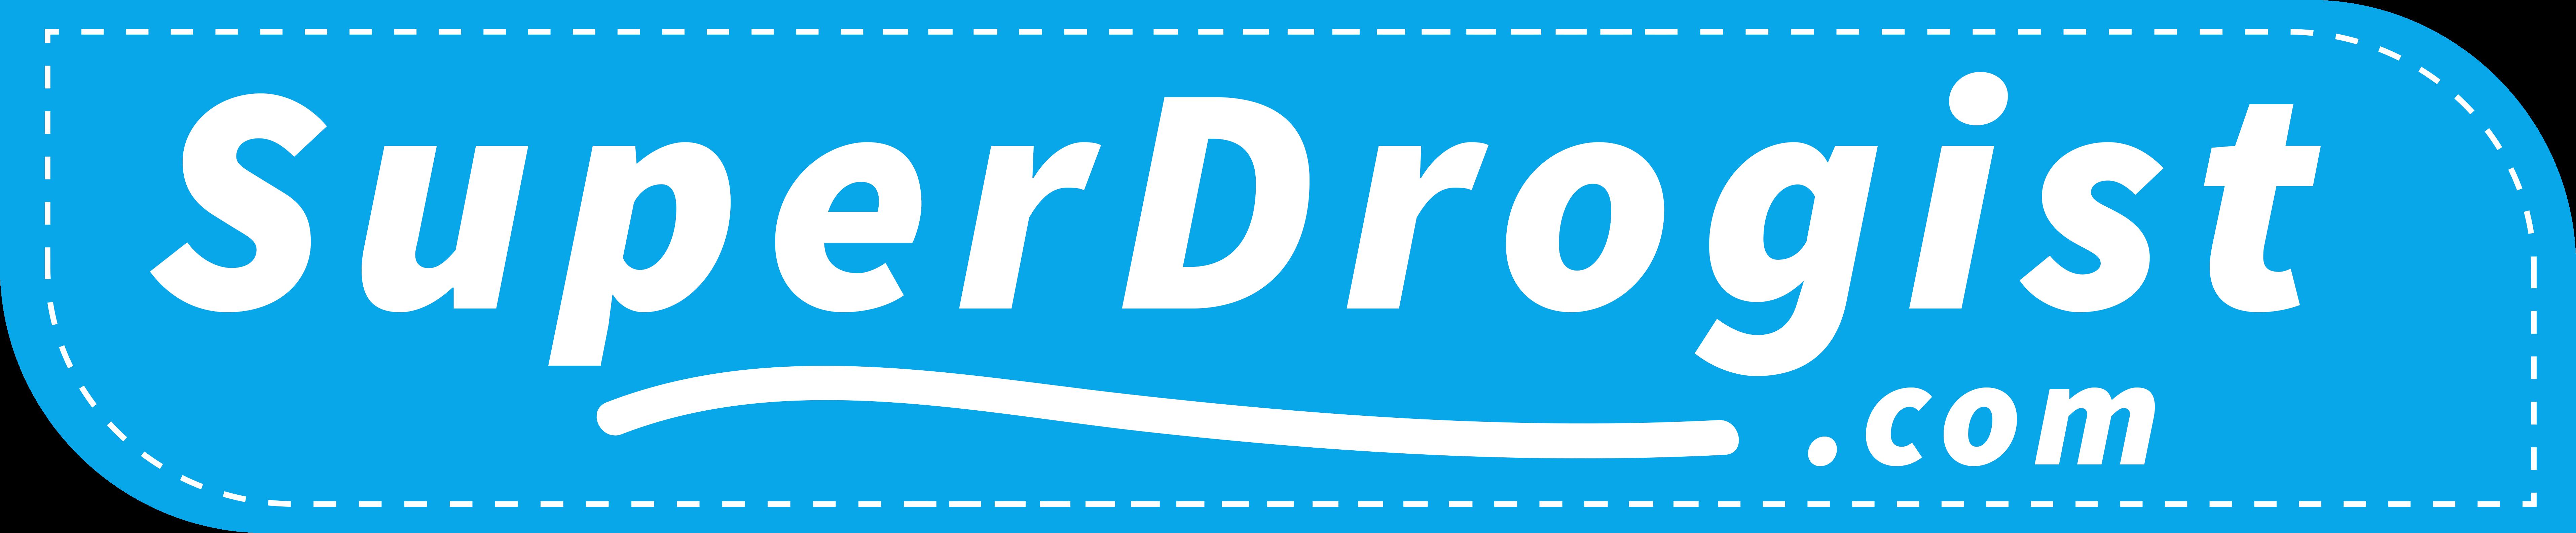 Superdrogist.com